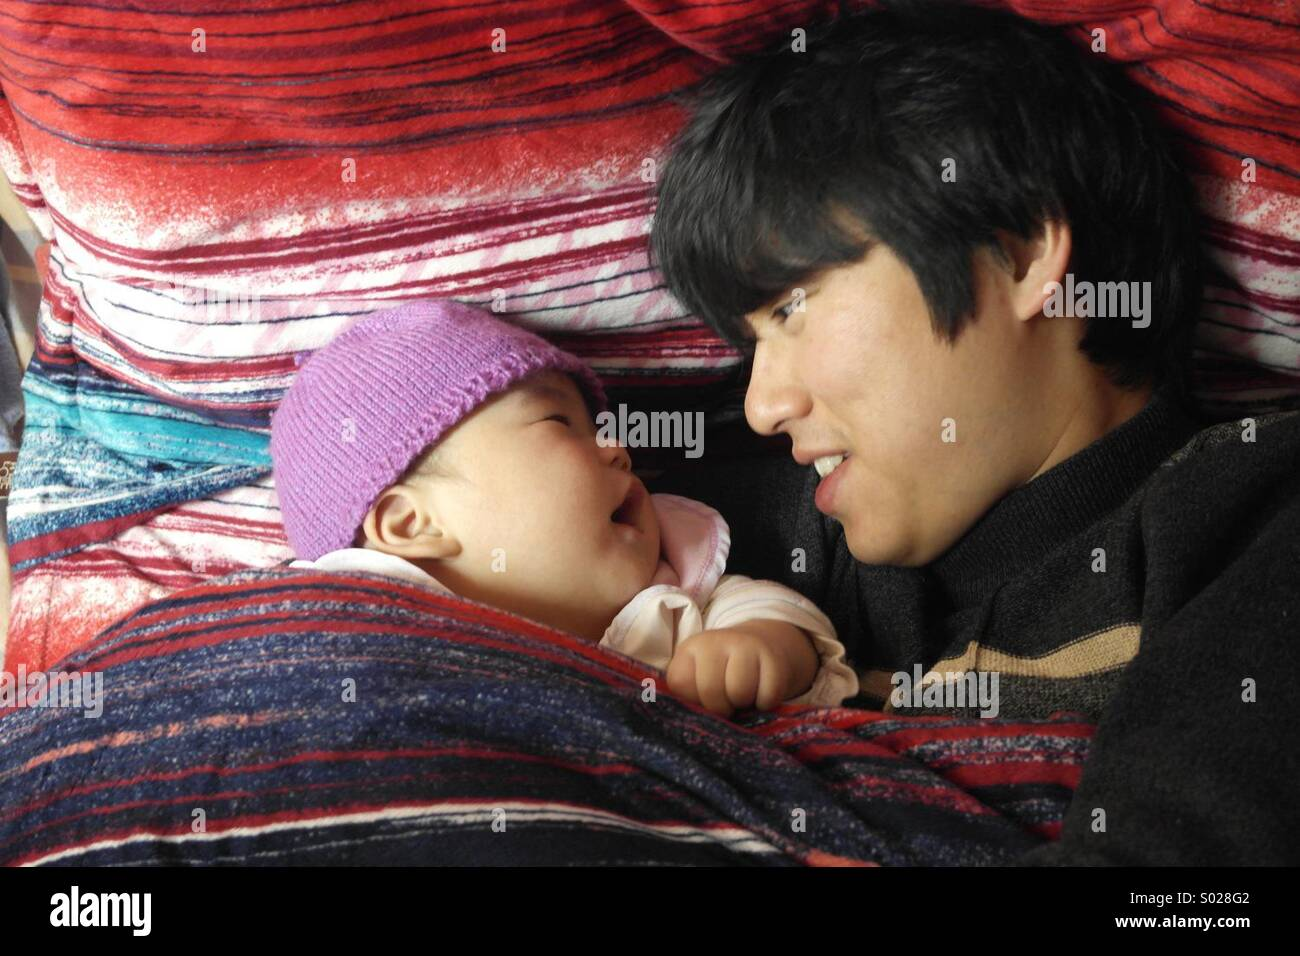 Père et fils d'Asie,6 mois bébé Banque D'Images